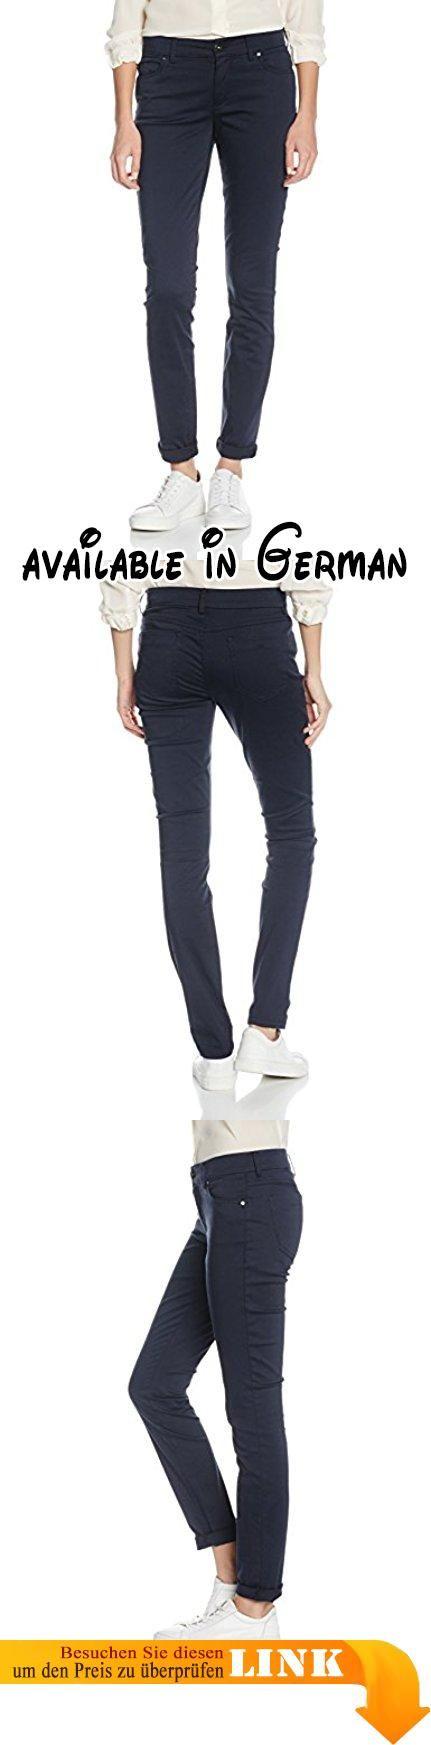 Marc O'Polo Damen Jeanshose M01047511035 Blau (Deep Sea Blue 899), W25/L32. Die Jeans - Modell Alby Slim hat eine trendige, verkürzte Länge und ist schmal geschnitten.. Das Baumwoll-Mix-Gewebe fühlt sich glatt und weich auf der Haut an.. Die Hose ist wandelbar und kann zu vielem kombiniert werden. #Apparel #PANTS